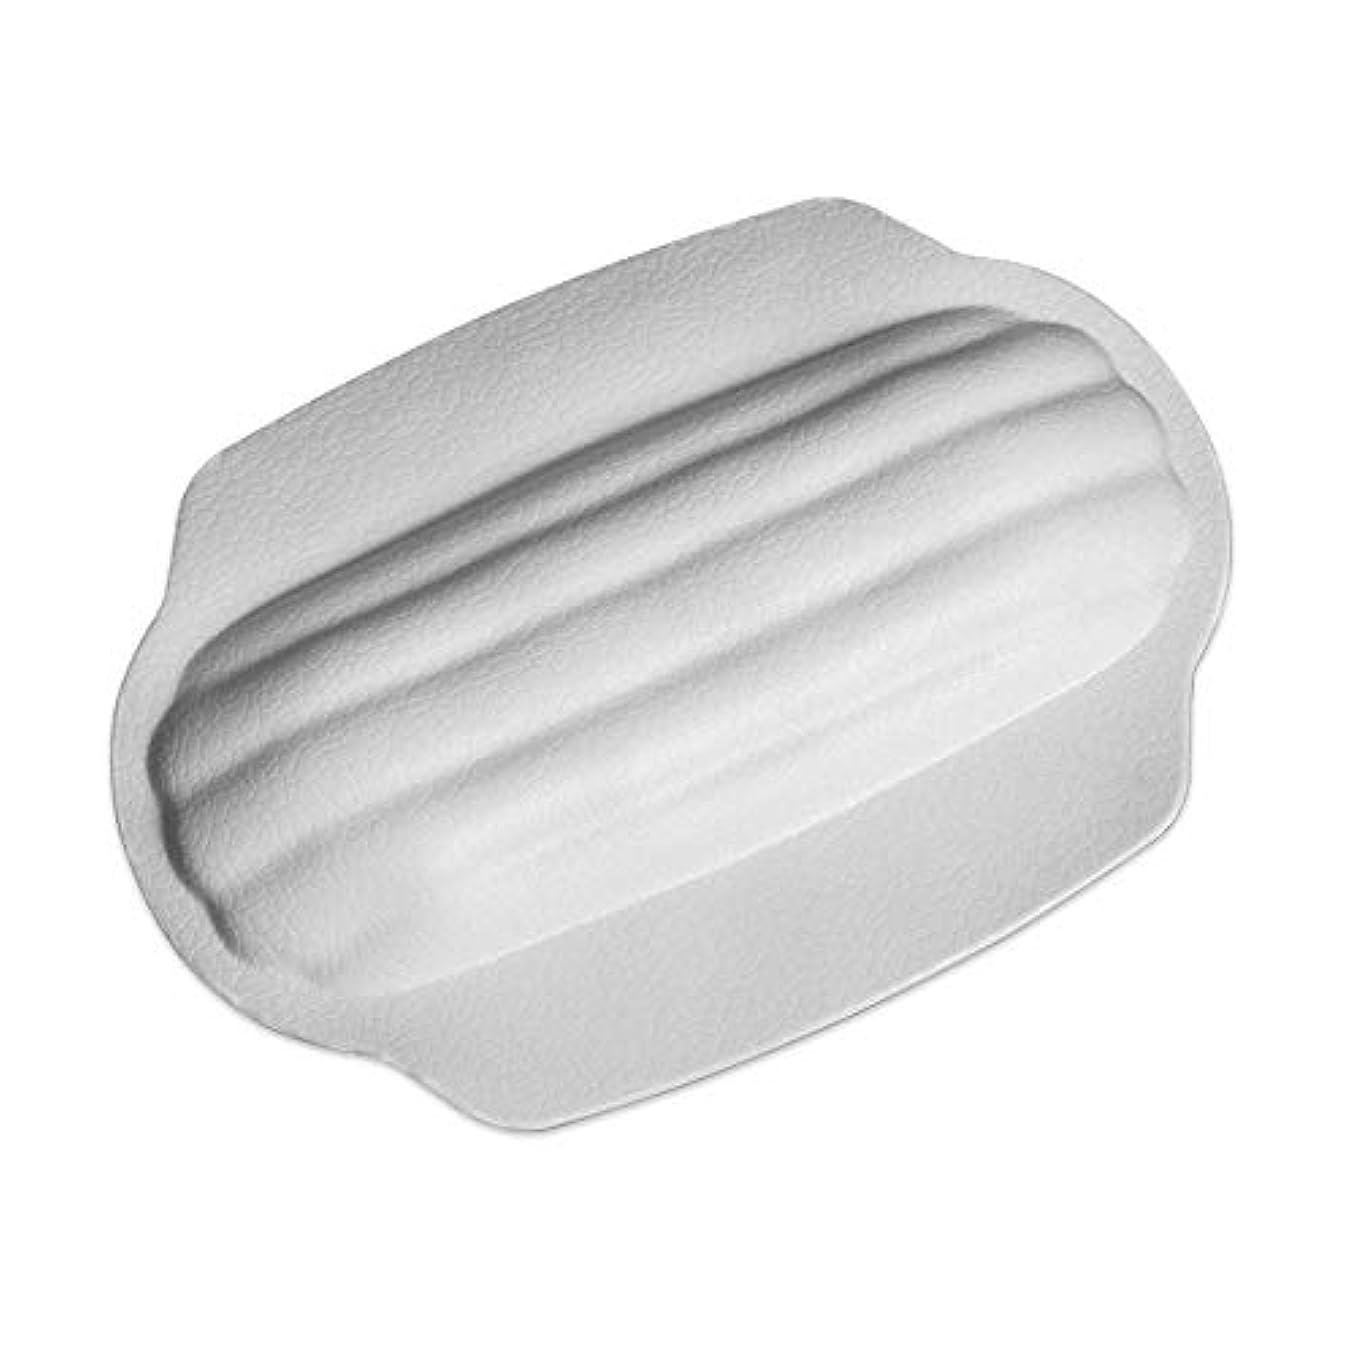 助けになるアダルトお酢サクションカップ付き防水滑り止めスパ枕厚めユニバーサルバスタブ枕バスタブと抗菌性